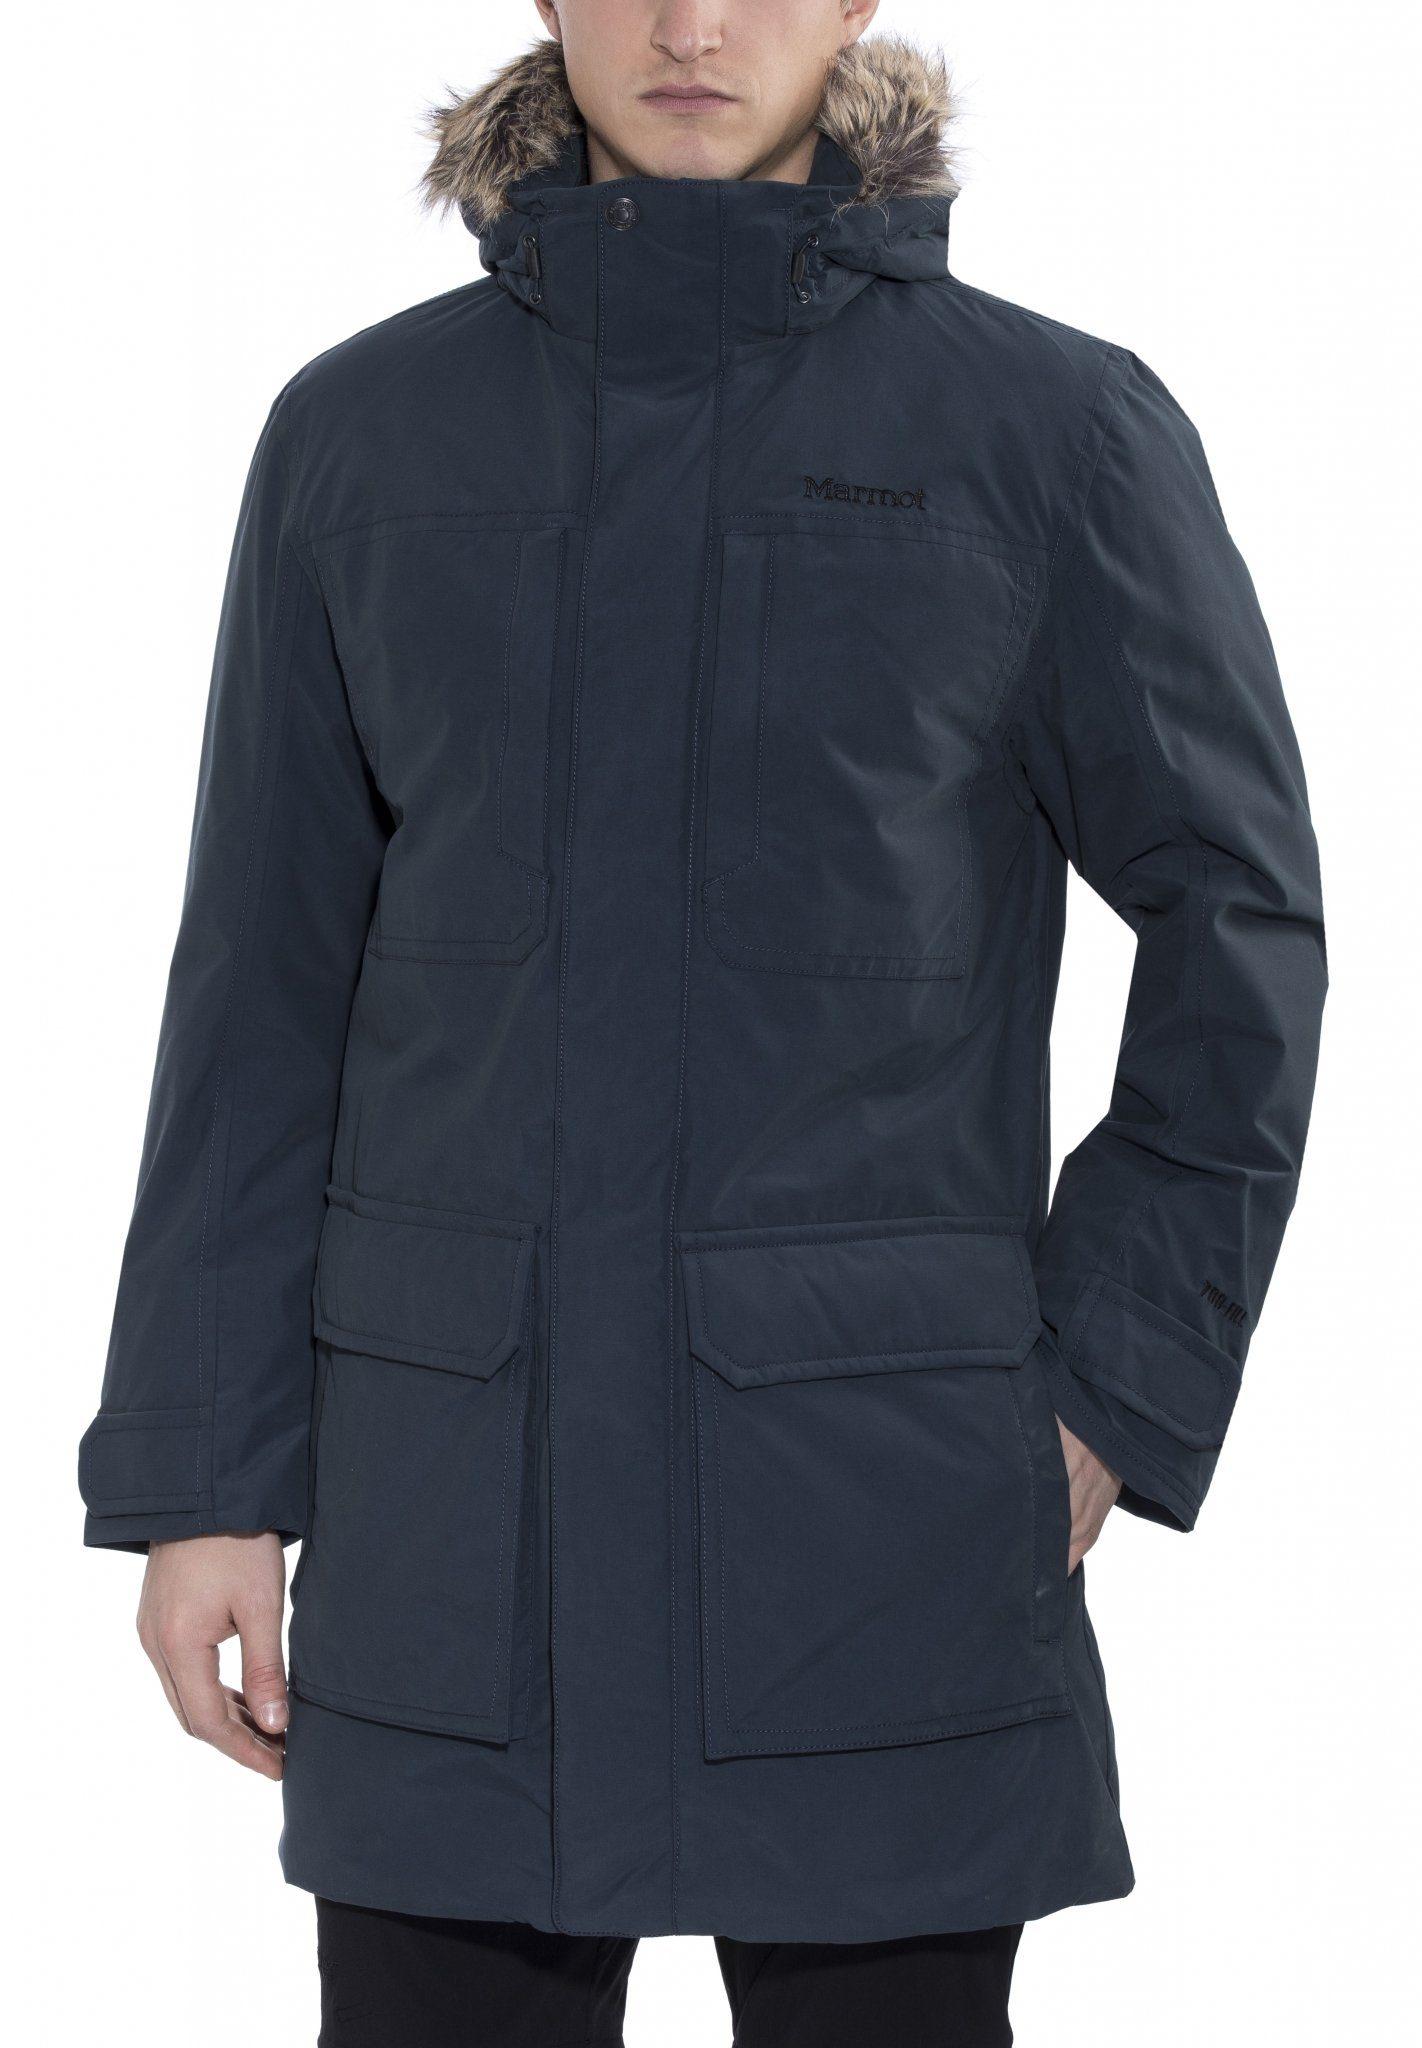 Marmot Outdoorjacke »Marmot Longwood Jacket Men«